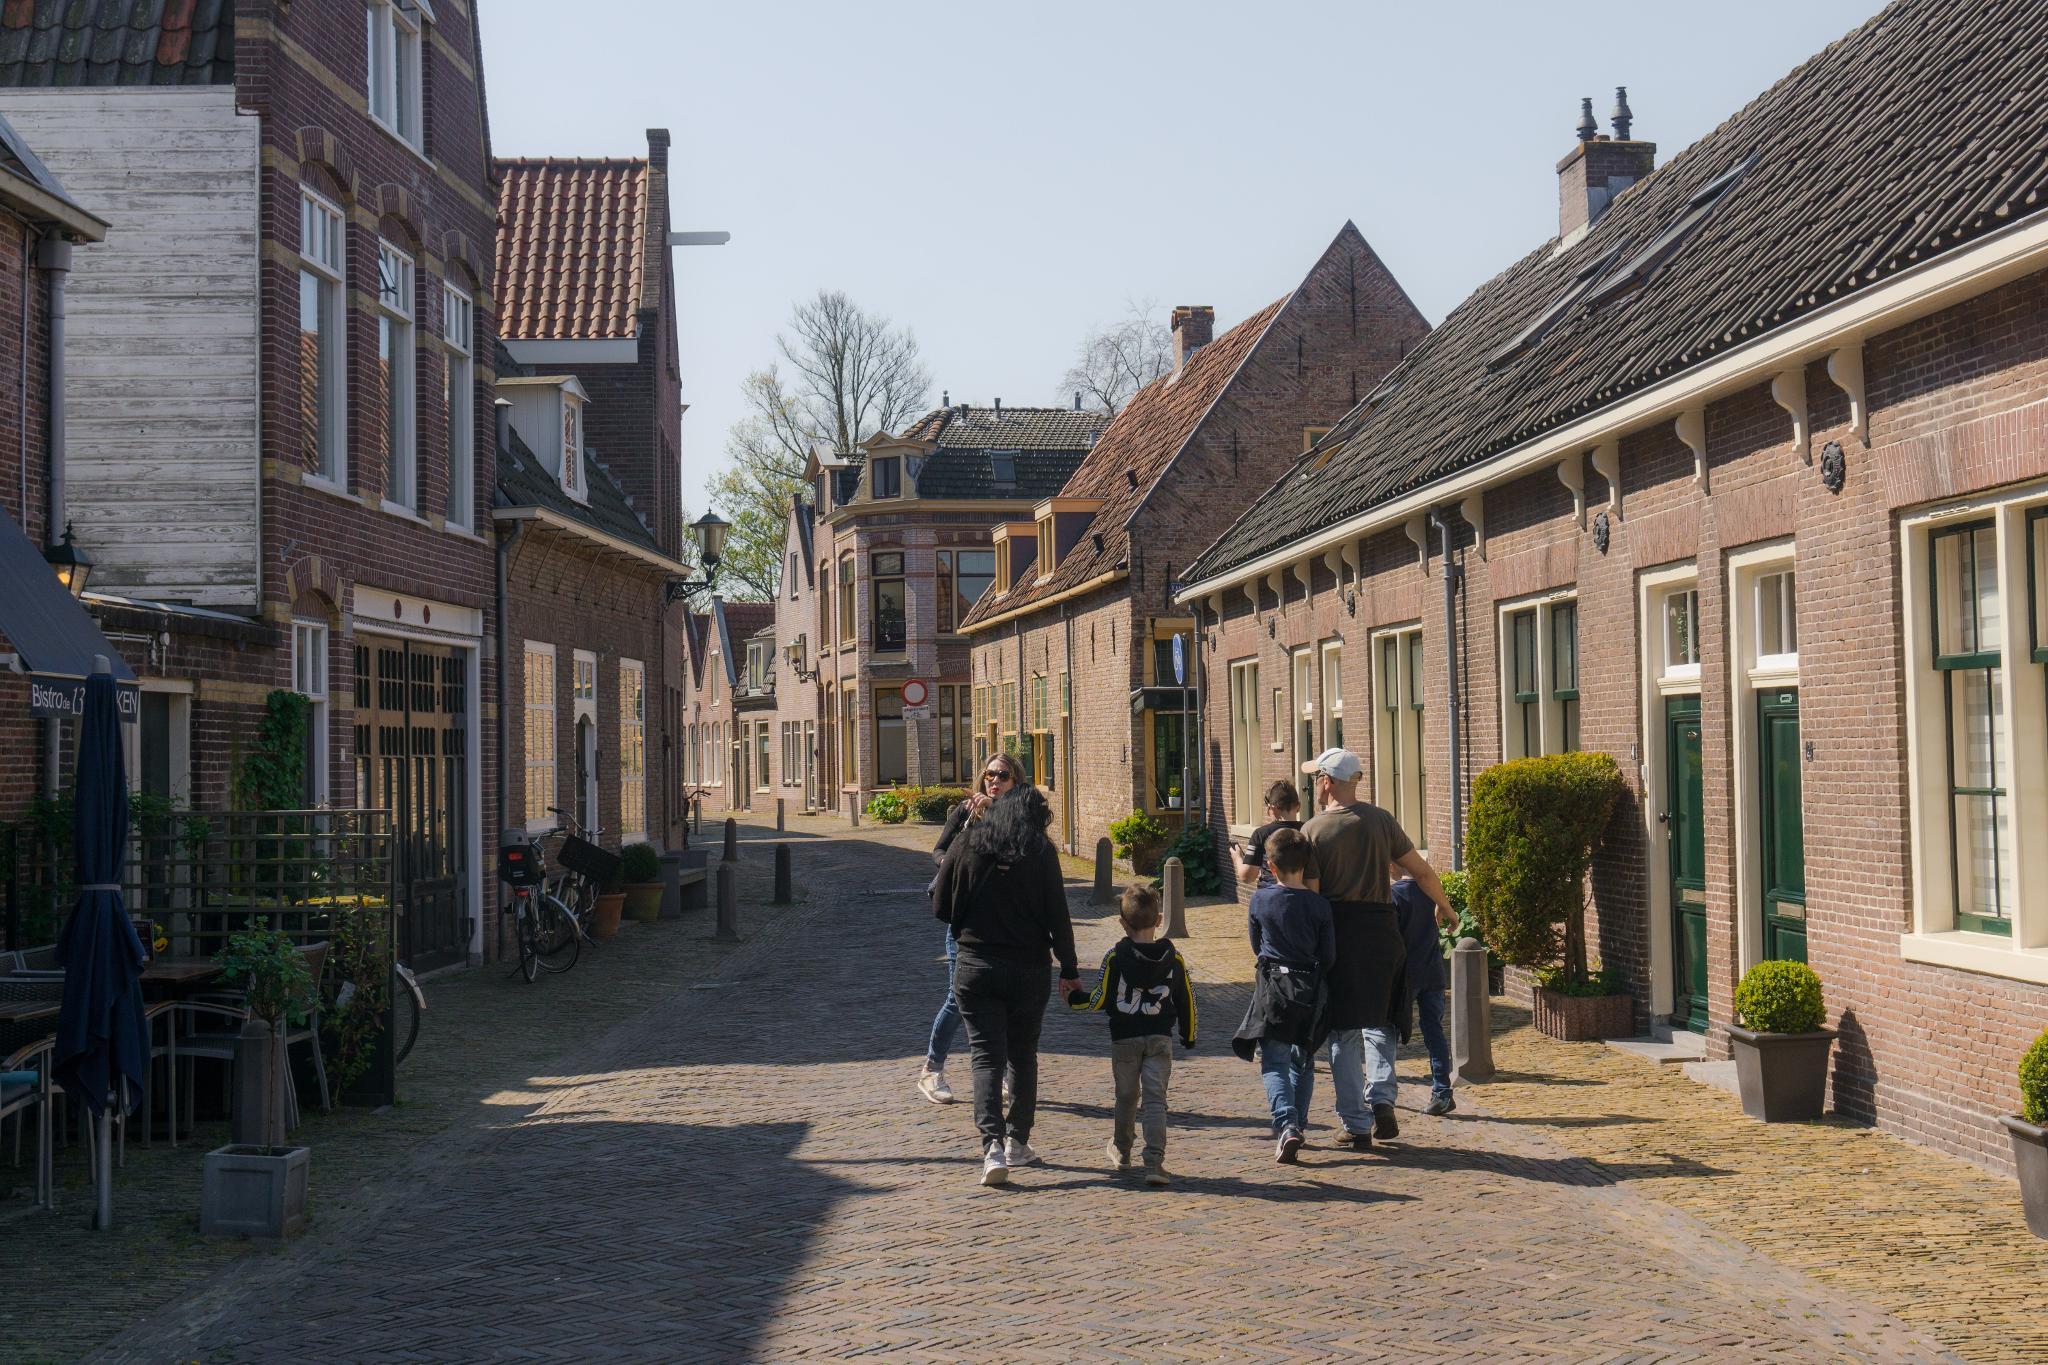 【荷蘭印象】體驗道地的荷式風情 — Alkmaar 起司市集 散步路線整理 41